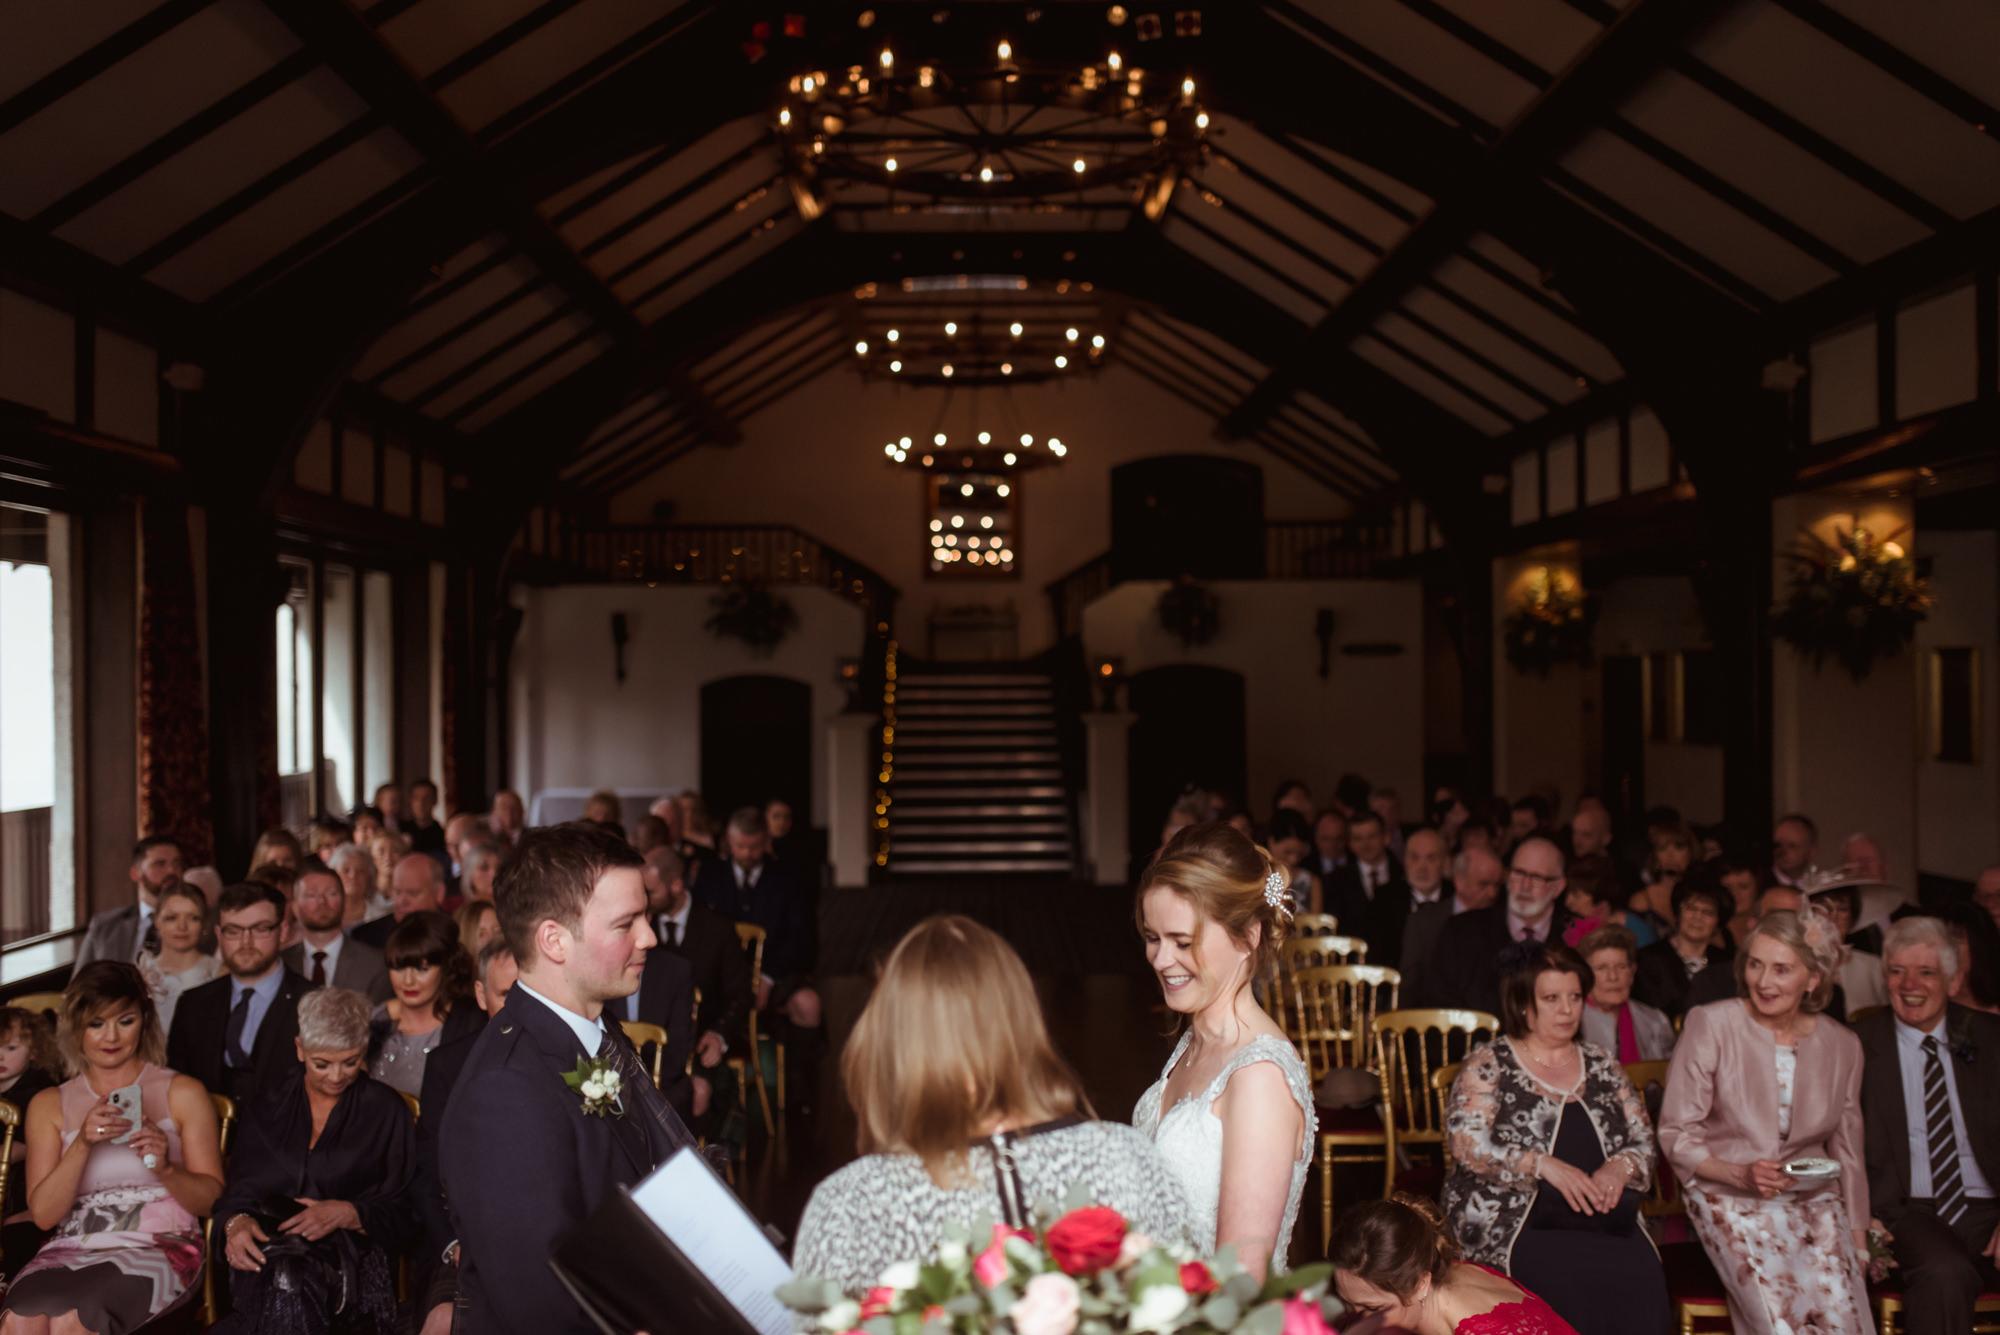 brig-o-doon-wedding-venue.jpg